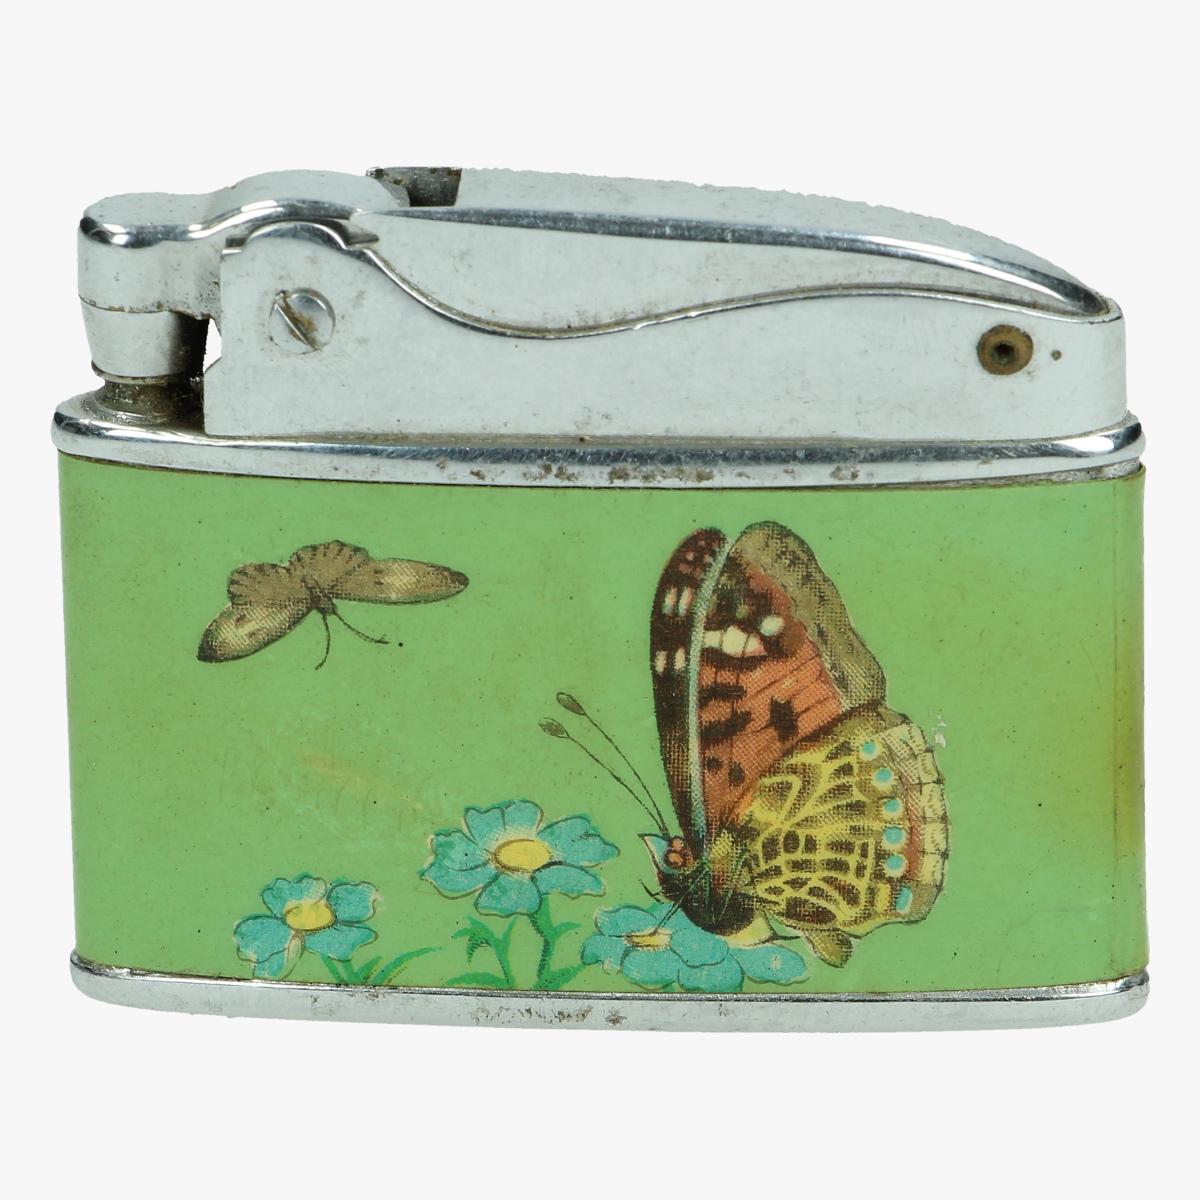 Afbeeldingen van oude aansteker vlinders